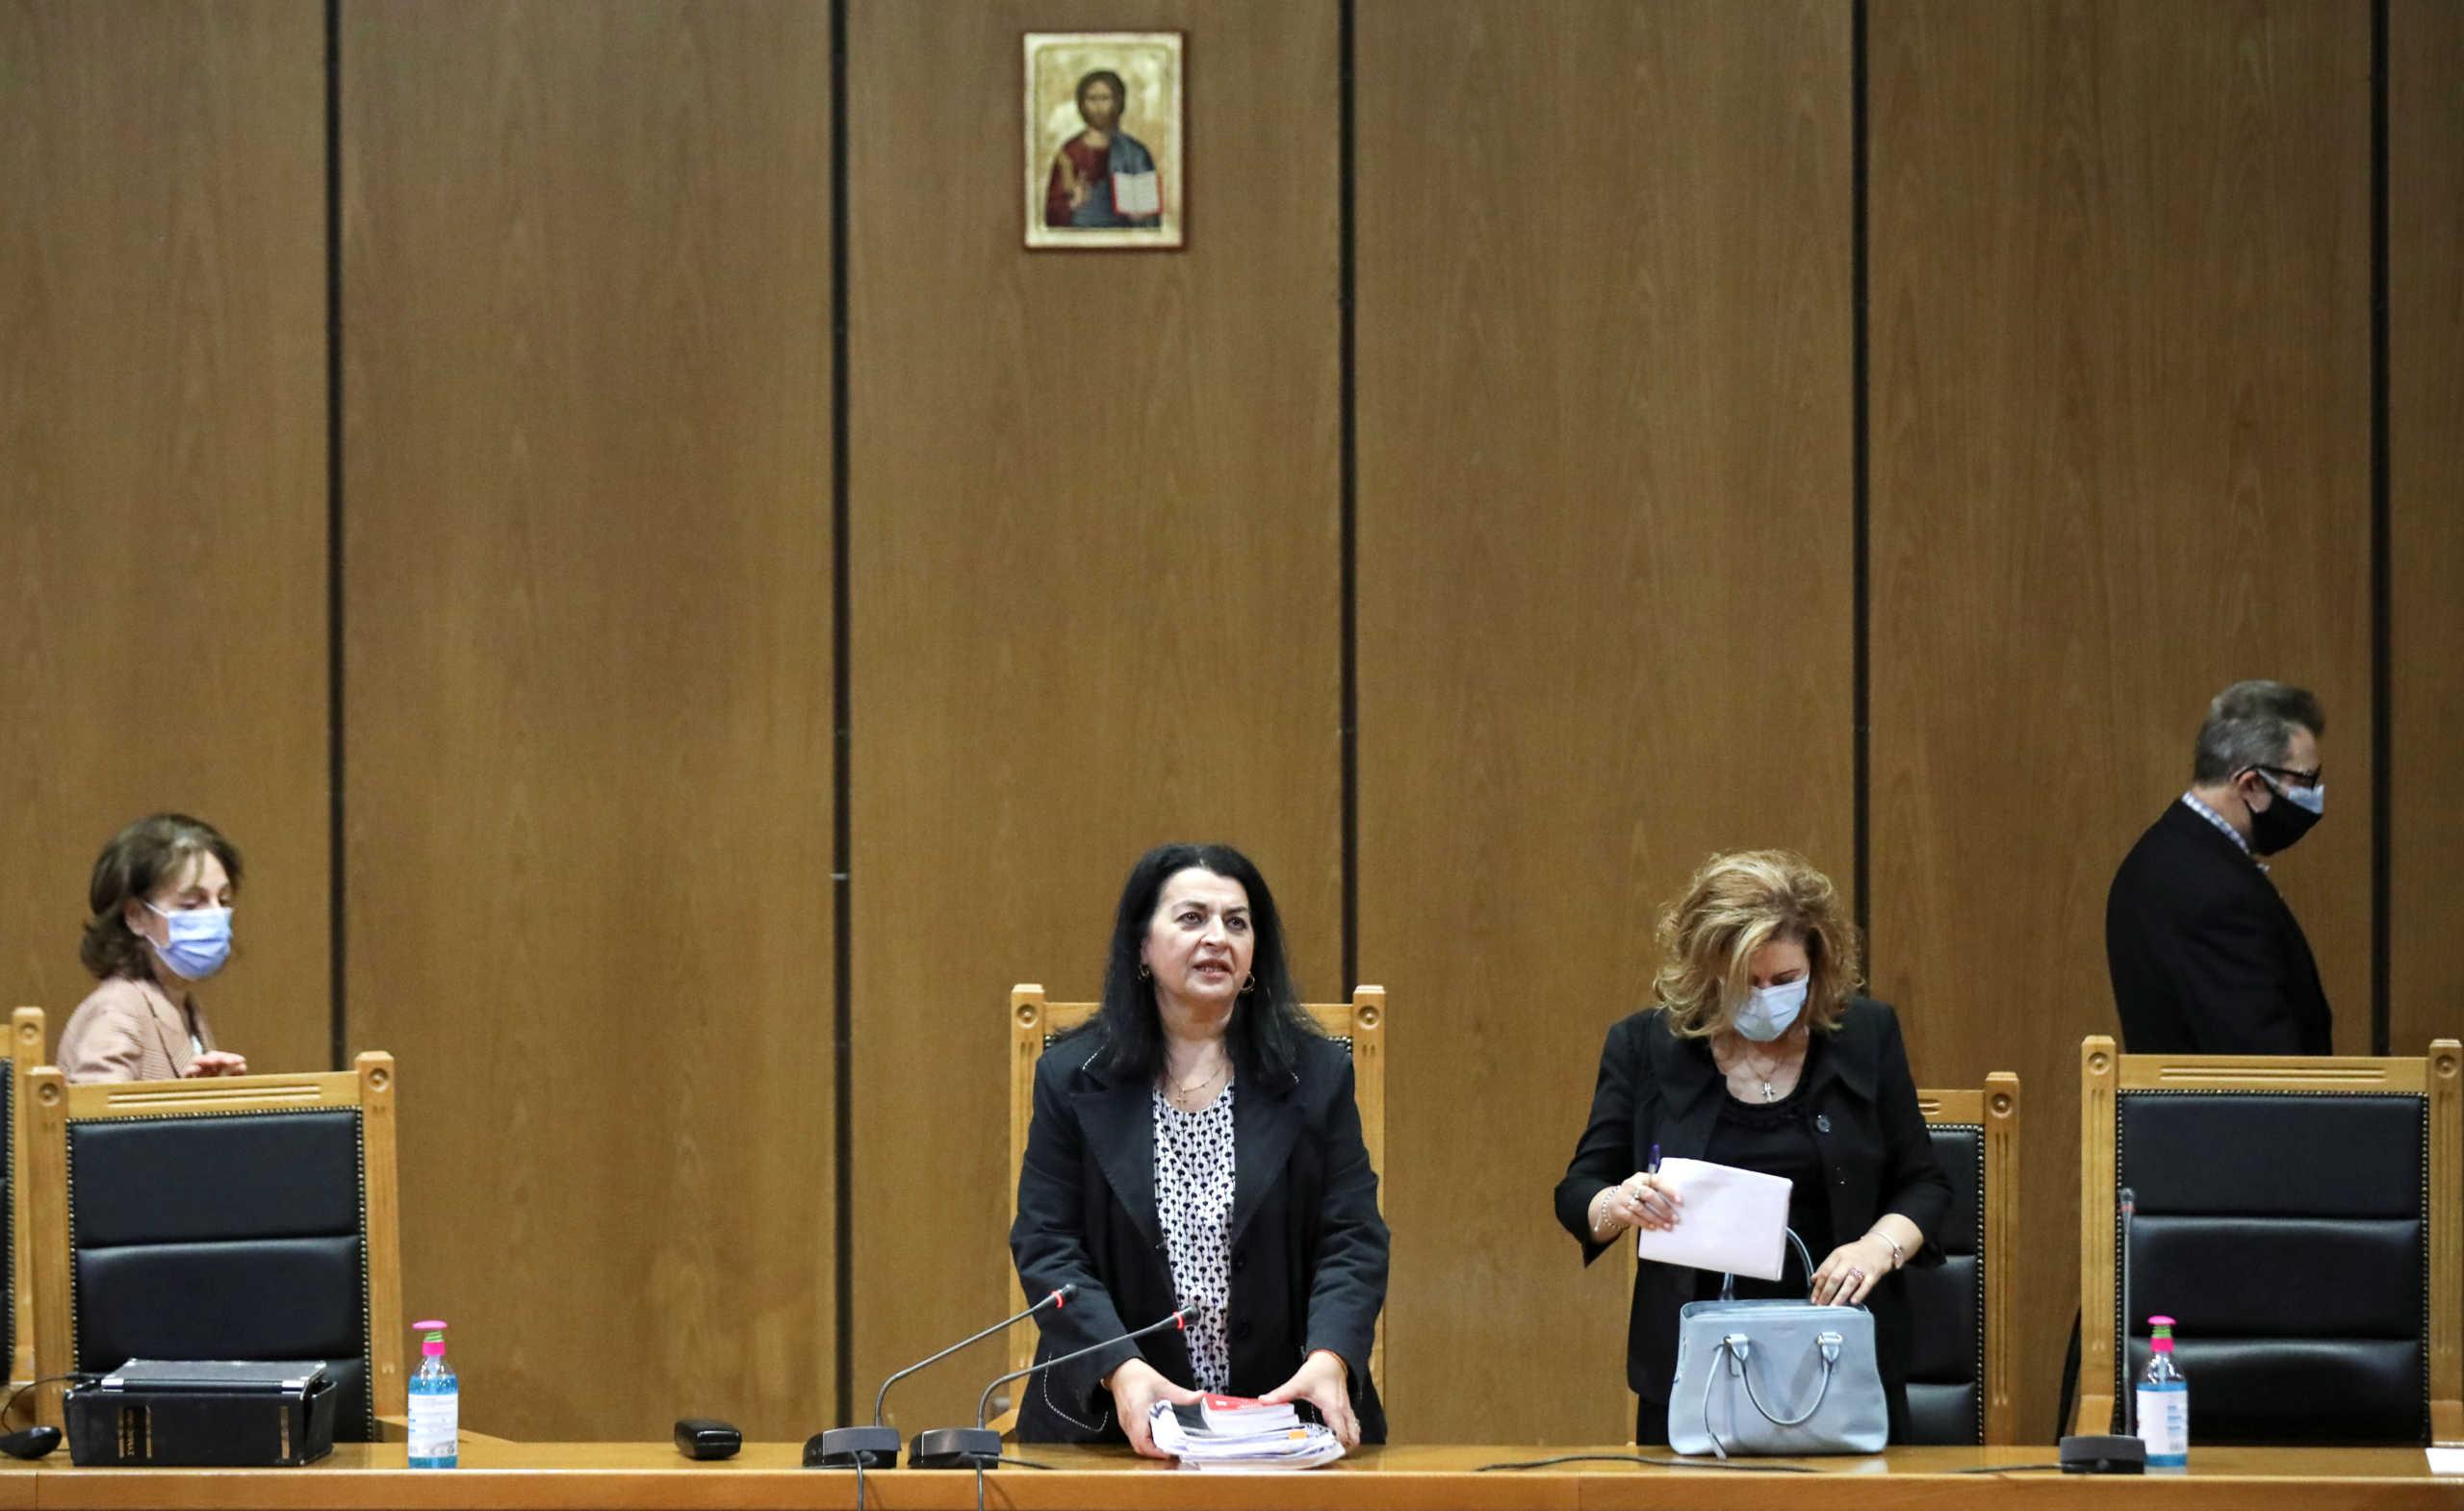 Δίκη Χρυσής Αυγής: Κανένα ελαφρυντικό στην ηγετική ομάδα αλλά και στον Γιώργο Ρουπακιά